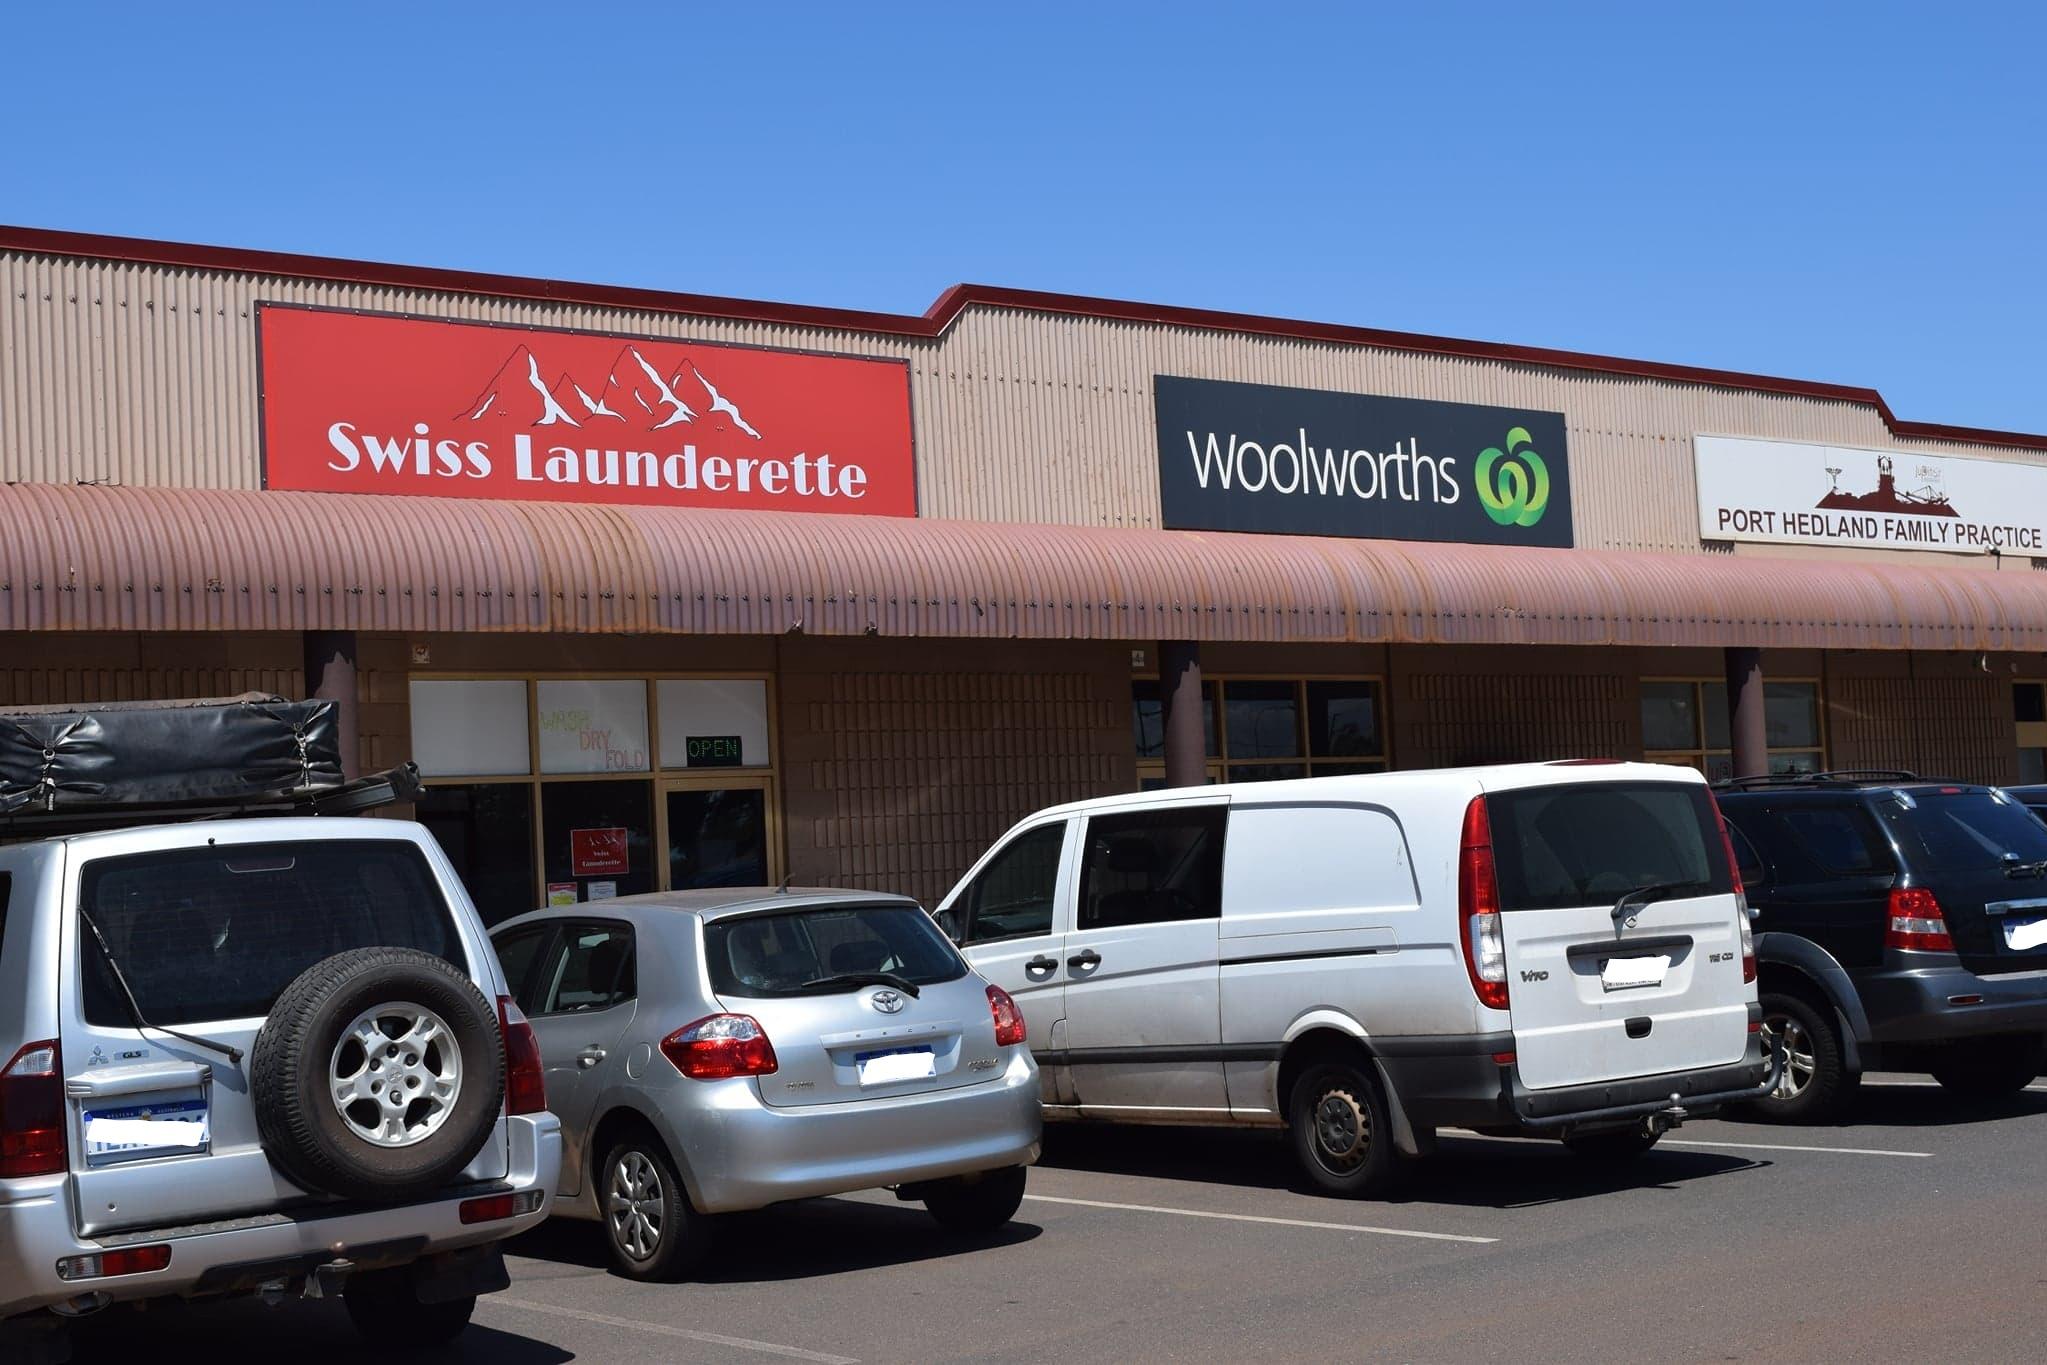 Port Hedland Laundromat